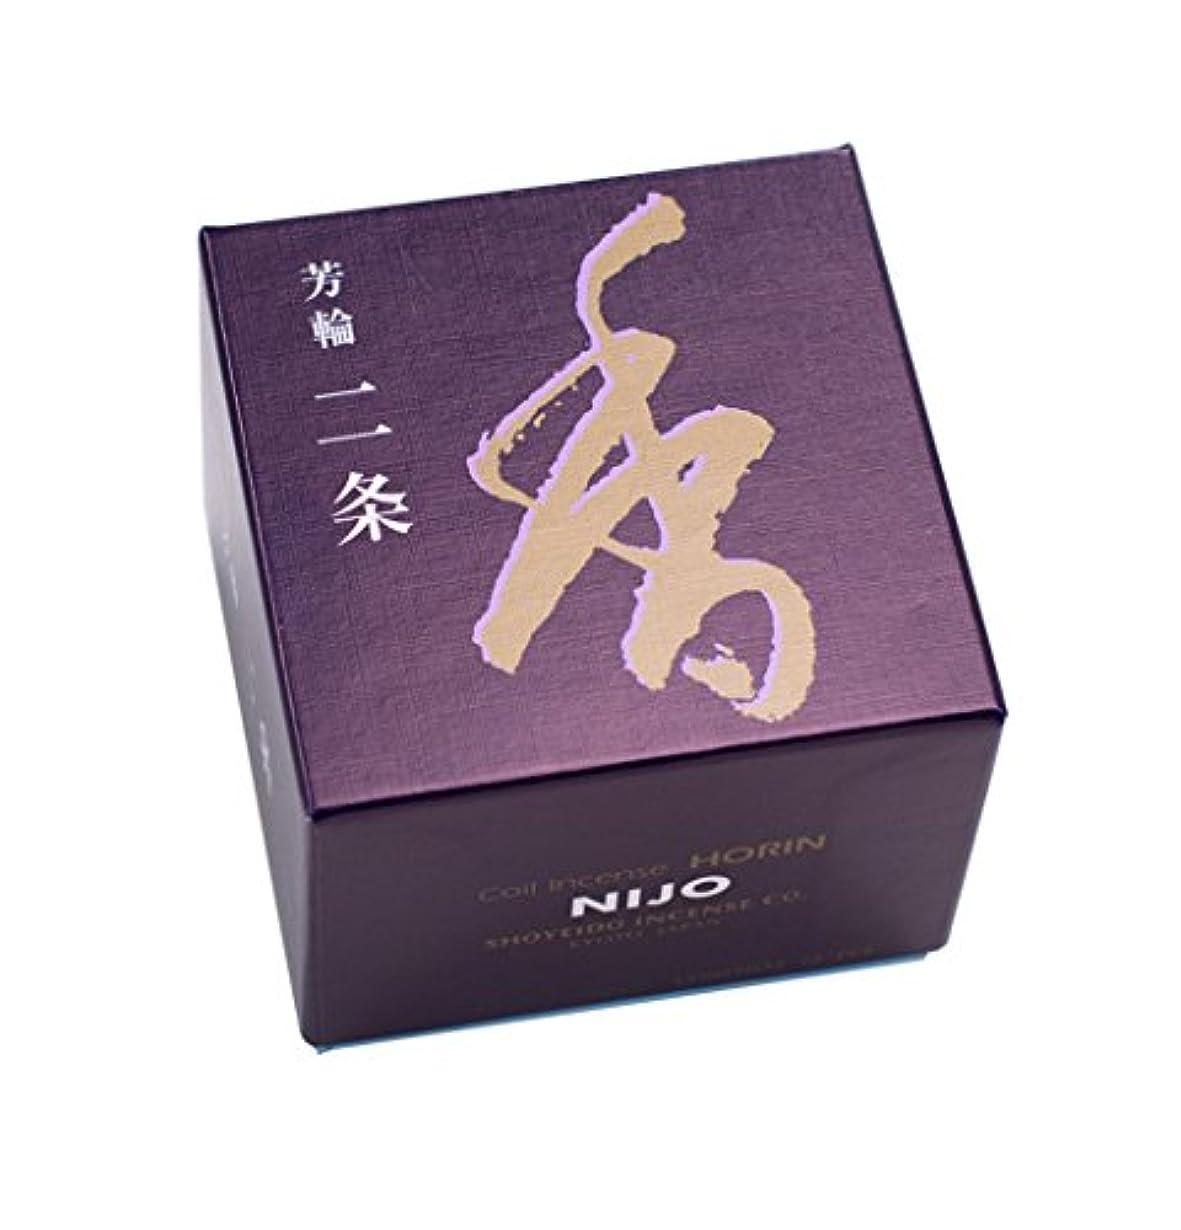 机断線レキシコン松栄堂のお香 芳輪二条 渦巻型10枚入 うてな角型付 #210121